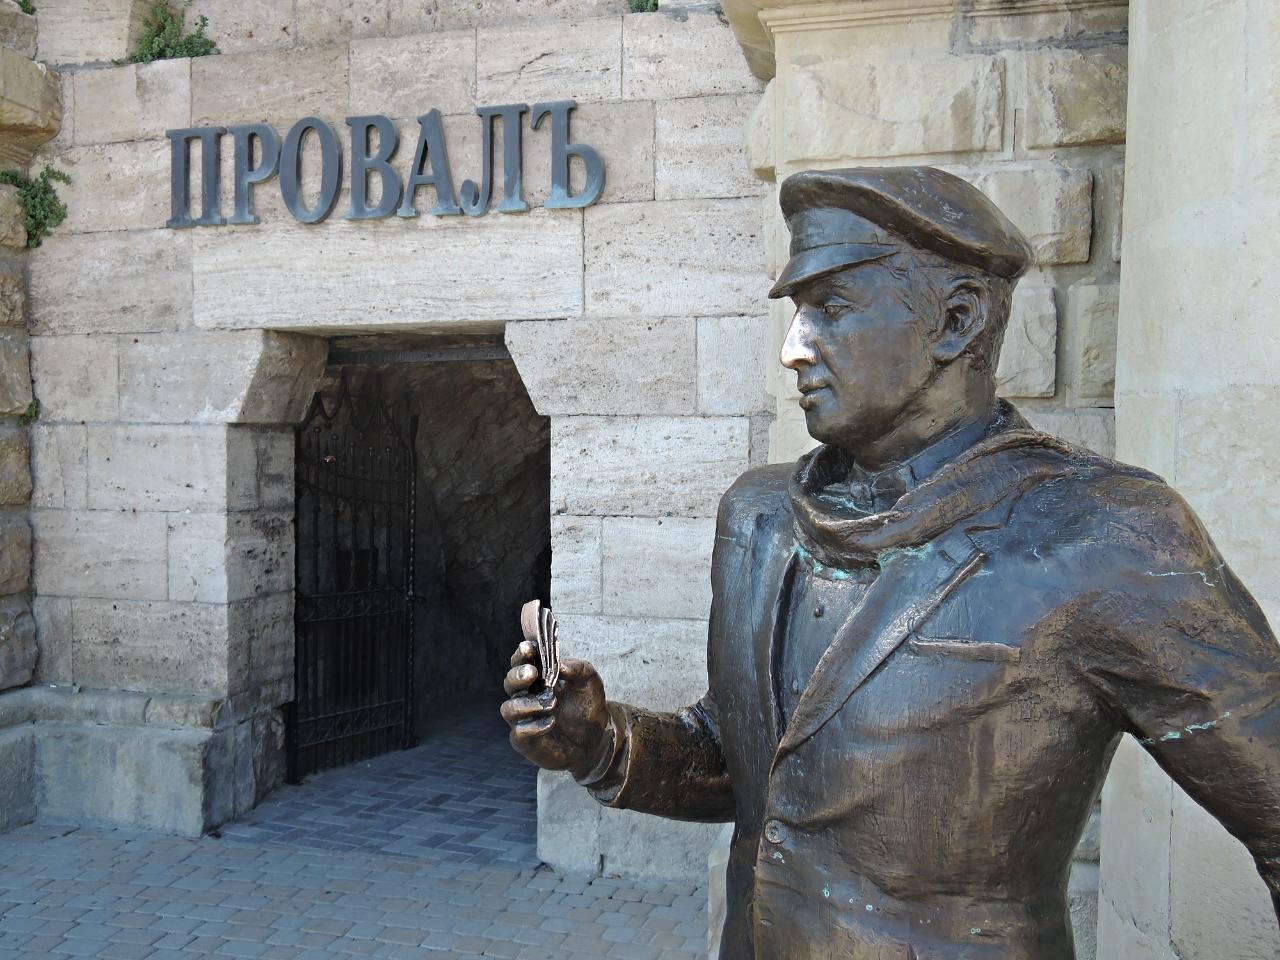 В мосту над Броварским проспектом в Киеве образовался провал - Цензор.НЕТ 6914